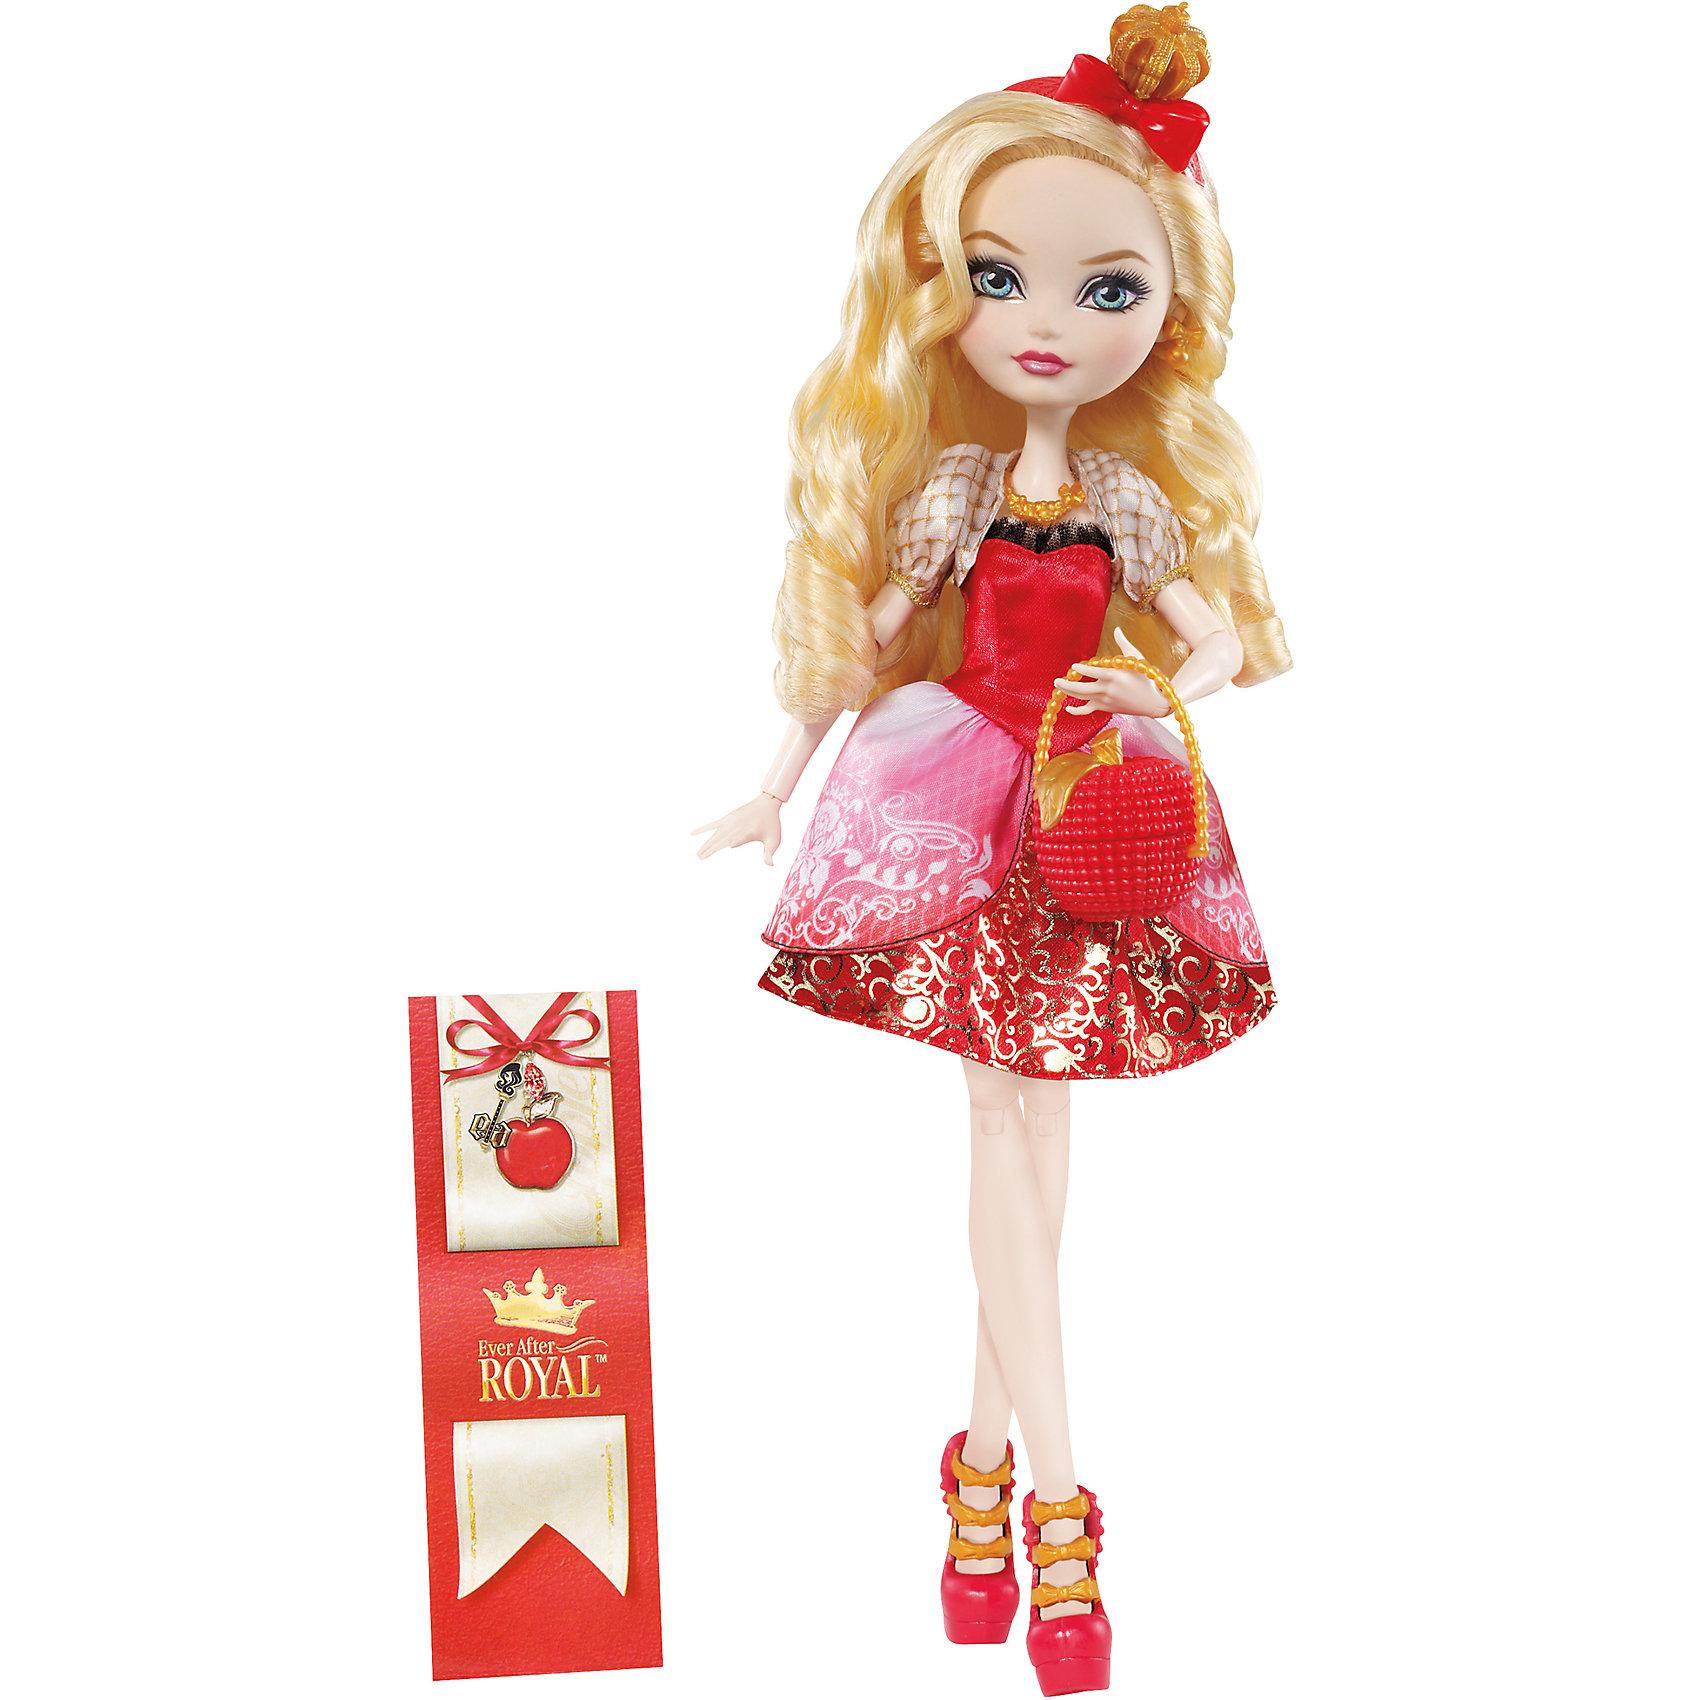 Кукла  Эппл Уайт Главные герои, Ever After HighEver After High<br>Эппл Вайт - дочь Белоснежки, прекрасная как и ее сказочная мама! Эппл обожает яблоки, и хочет , чтобы люди знали ее как самую прекрасную на свете не только внешне, но и в душе. Куколка одета в красивое красное платье с пышной юбкой и приталенным лифом, на ногах - стильные босоножки.  Эппл имеет длинные светлые волосы, из которых получится множество замечательных причесок. Образ дополняют красный ободок с короной и маленькая сумочка. Собери всех героев Ever After High (Школа Долго и счастливо) проигрывай любимые сцены из мультсериала или придумывай свои новые истории! <br><br>Дополнительная информация:<br><br>- Материал: пластик.<br>- Высота: 25 см.<br>- Голова, руки, ноги куклы подвижные. <br>- Комплектация: кукла в одежде и обуви, расческа, дневник, сумочка.<br><br>Куклу  Главные герои, Ever After High (Эвер Афтер Хай), можно купить в нашем магазине.<br><br>Ширина мм: 65<br>Глубина мм: 205<br>Высота мм: 325<br>Вес г: 388<br>Возраст от месяцев: 72<br>Возраст до месяцев: 120<br>Пол: Женский<br>Возраст: Детский<br>SKU: 4500802